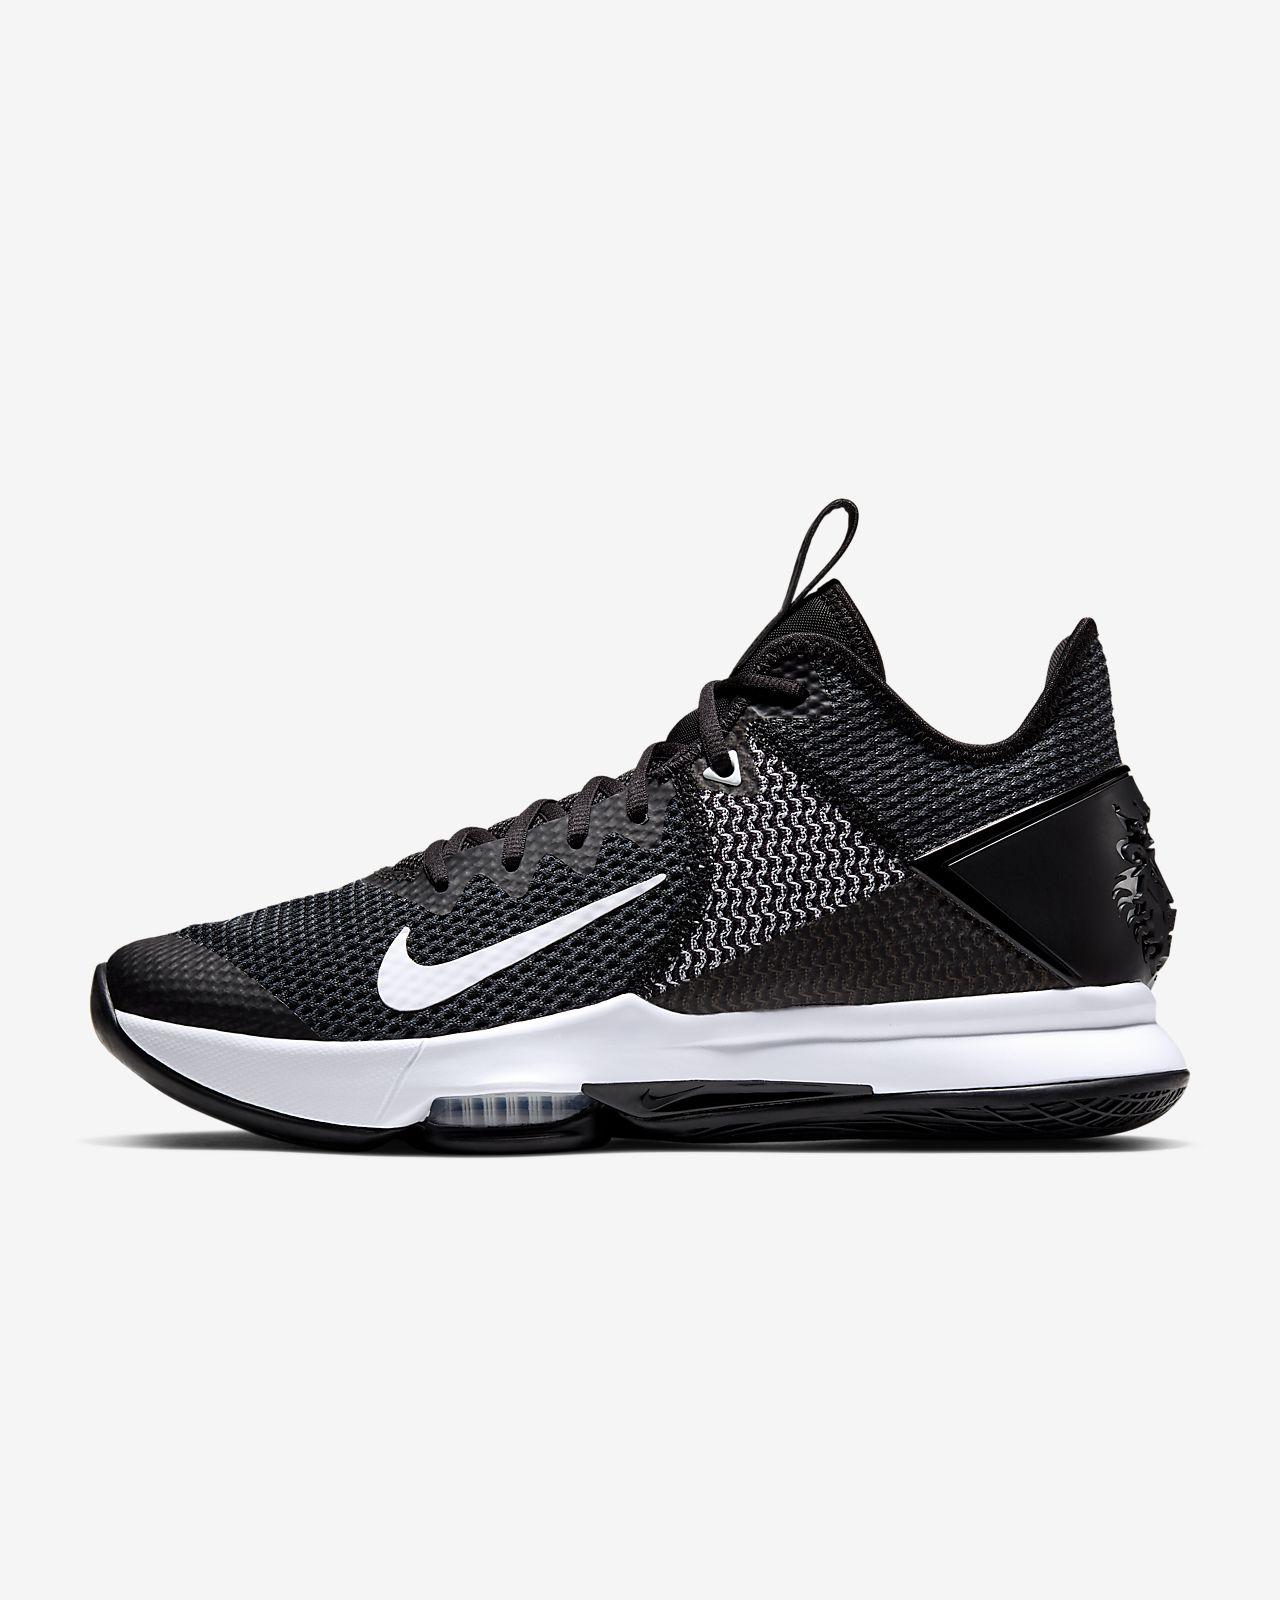 Nike PG 1 Bright Violet Basketball Schuhe Herren Basketball